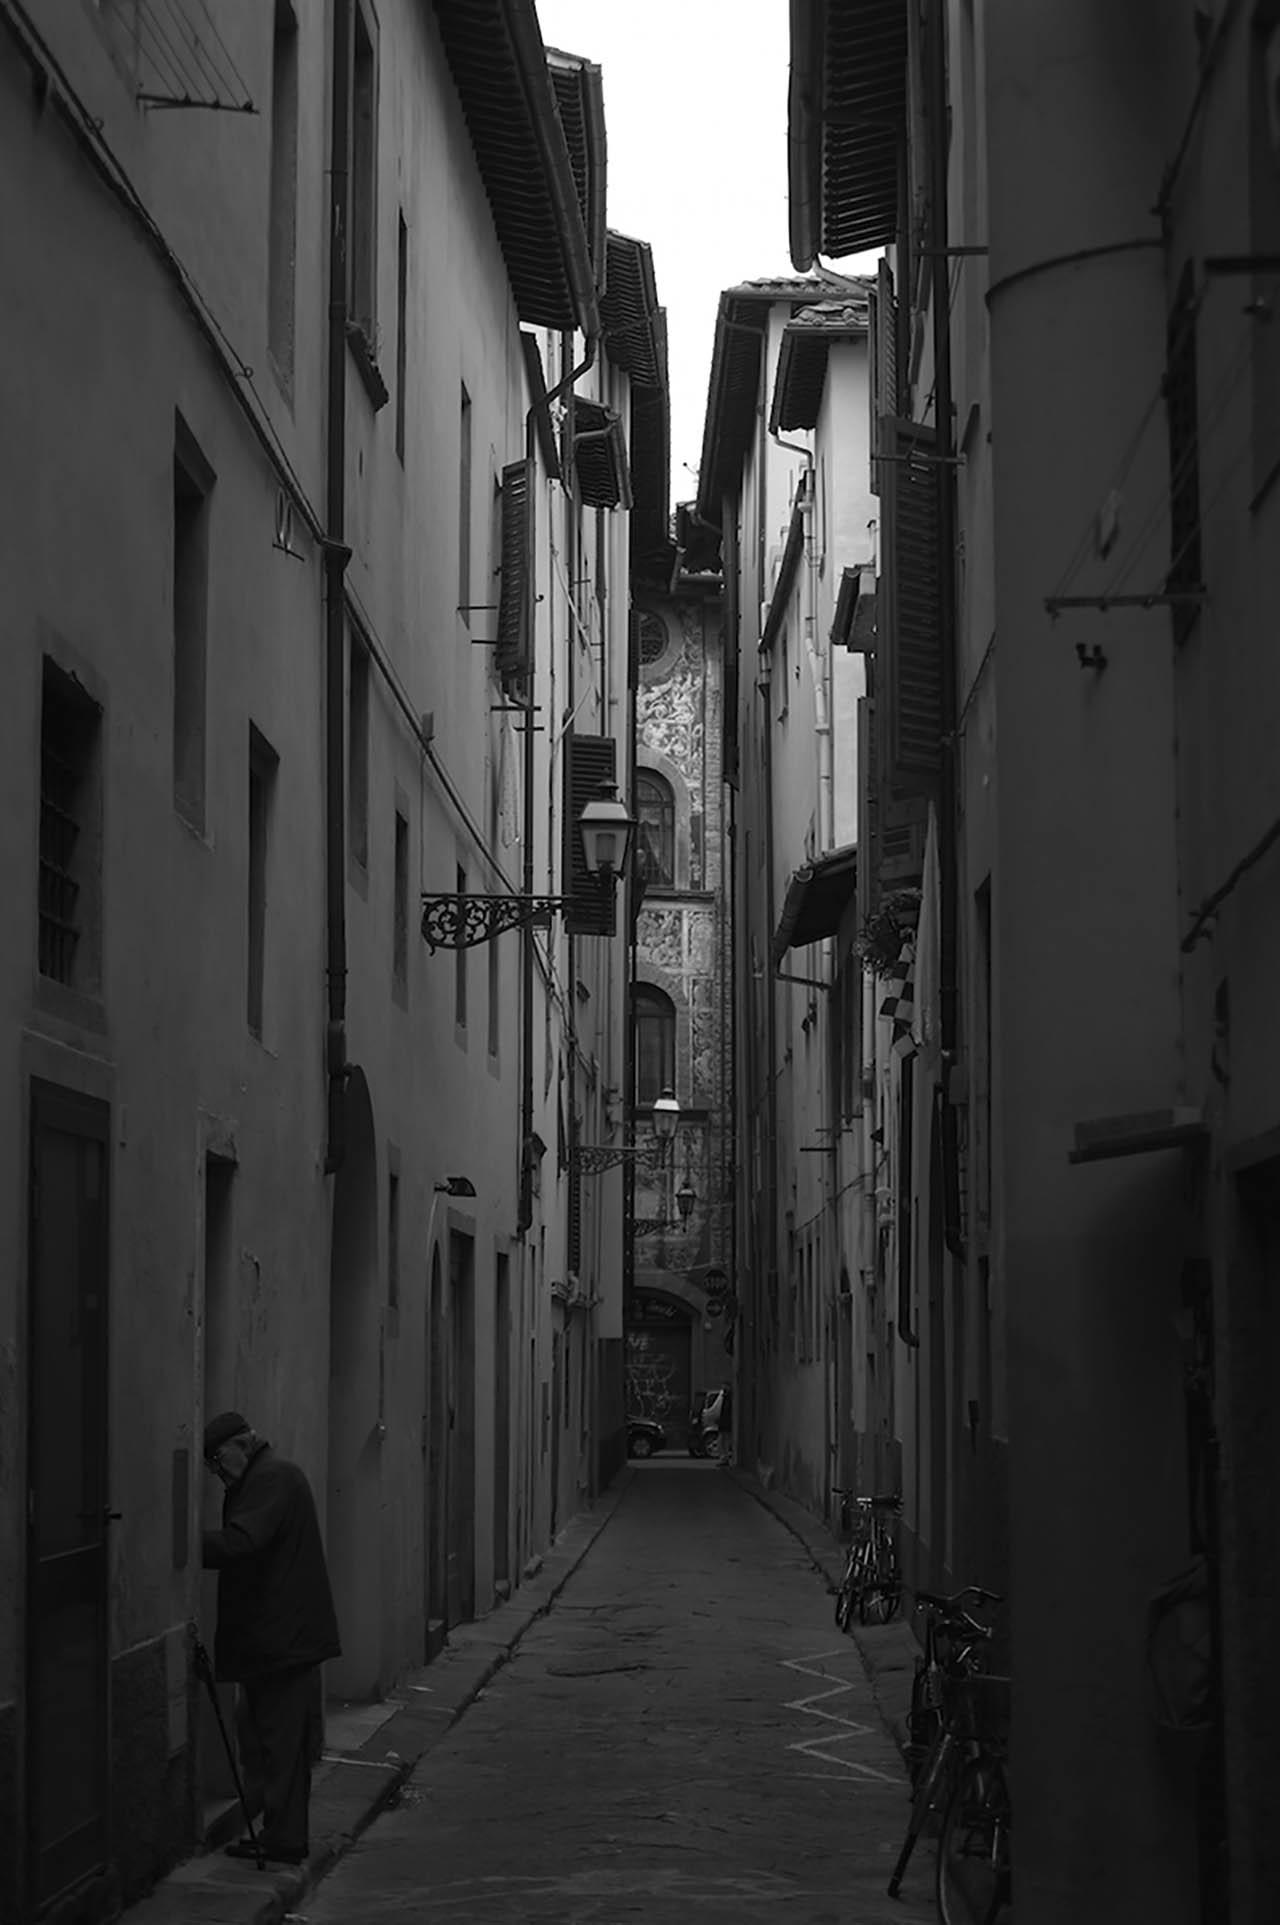 Via Sguazza